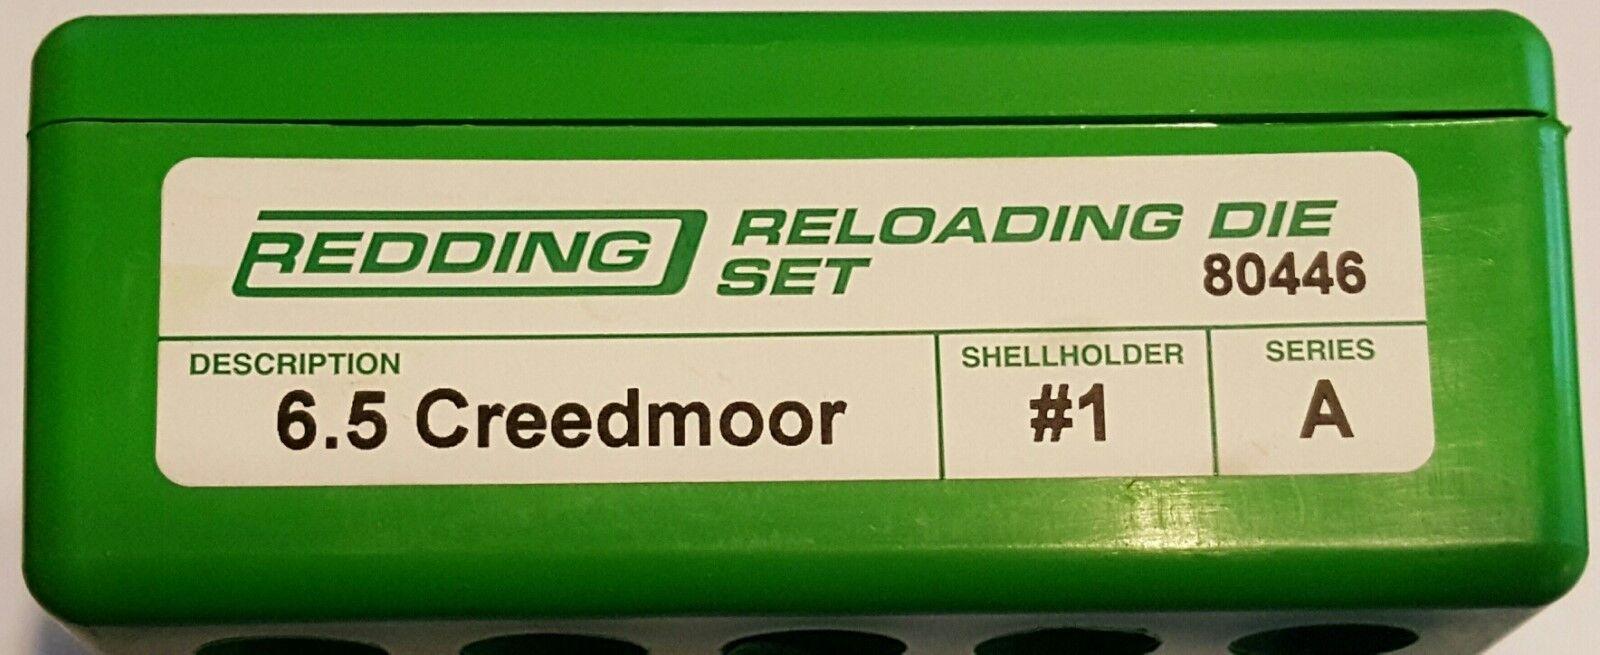 80446 rojoding 2-DIE Full Length 6.5 Creedmoor Die Set-Nuevo-Envío Gratis